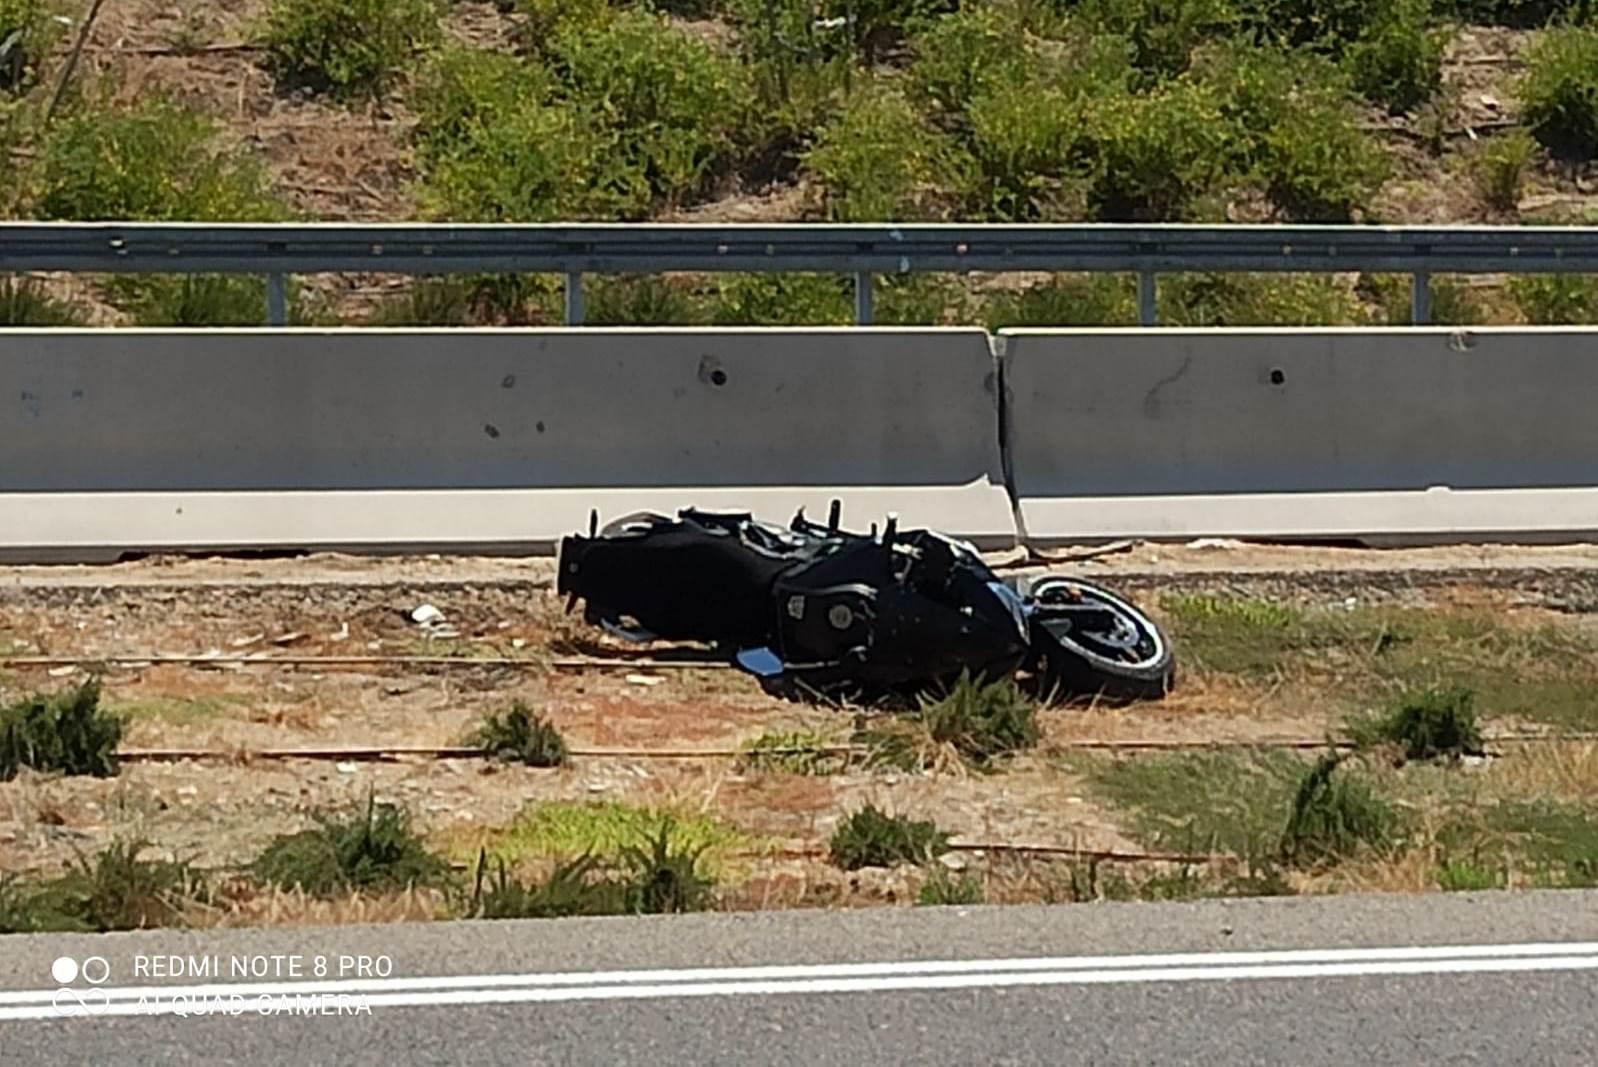 האופנוע, זרוק בתעלה שלצד הדרך